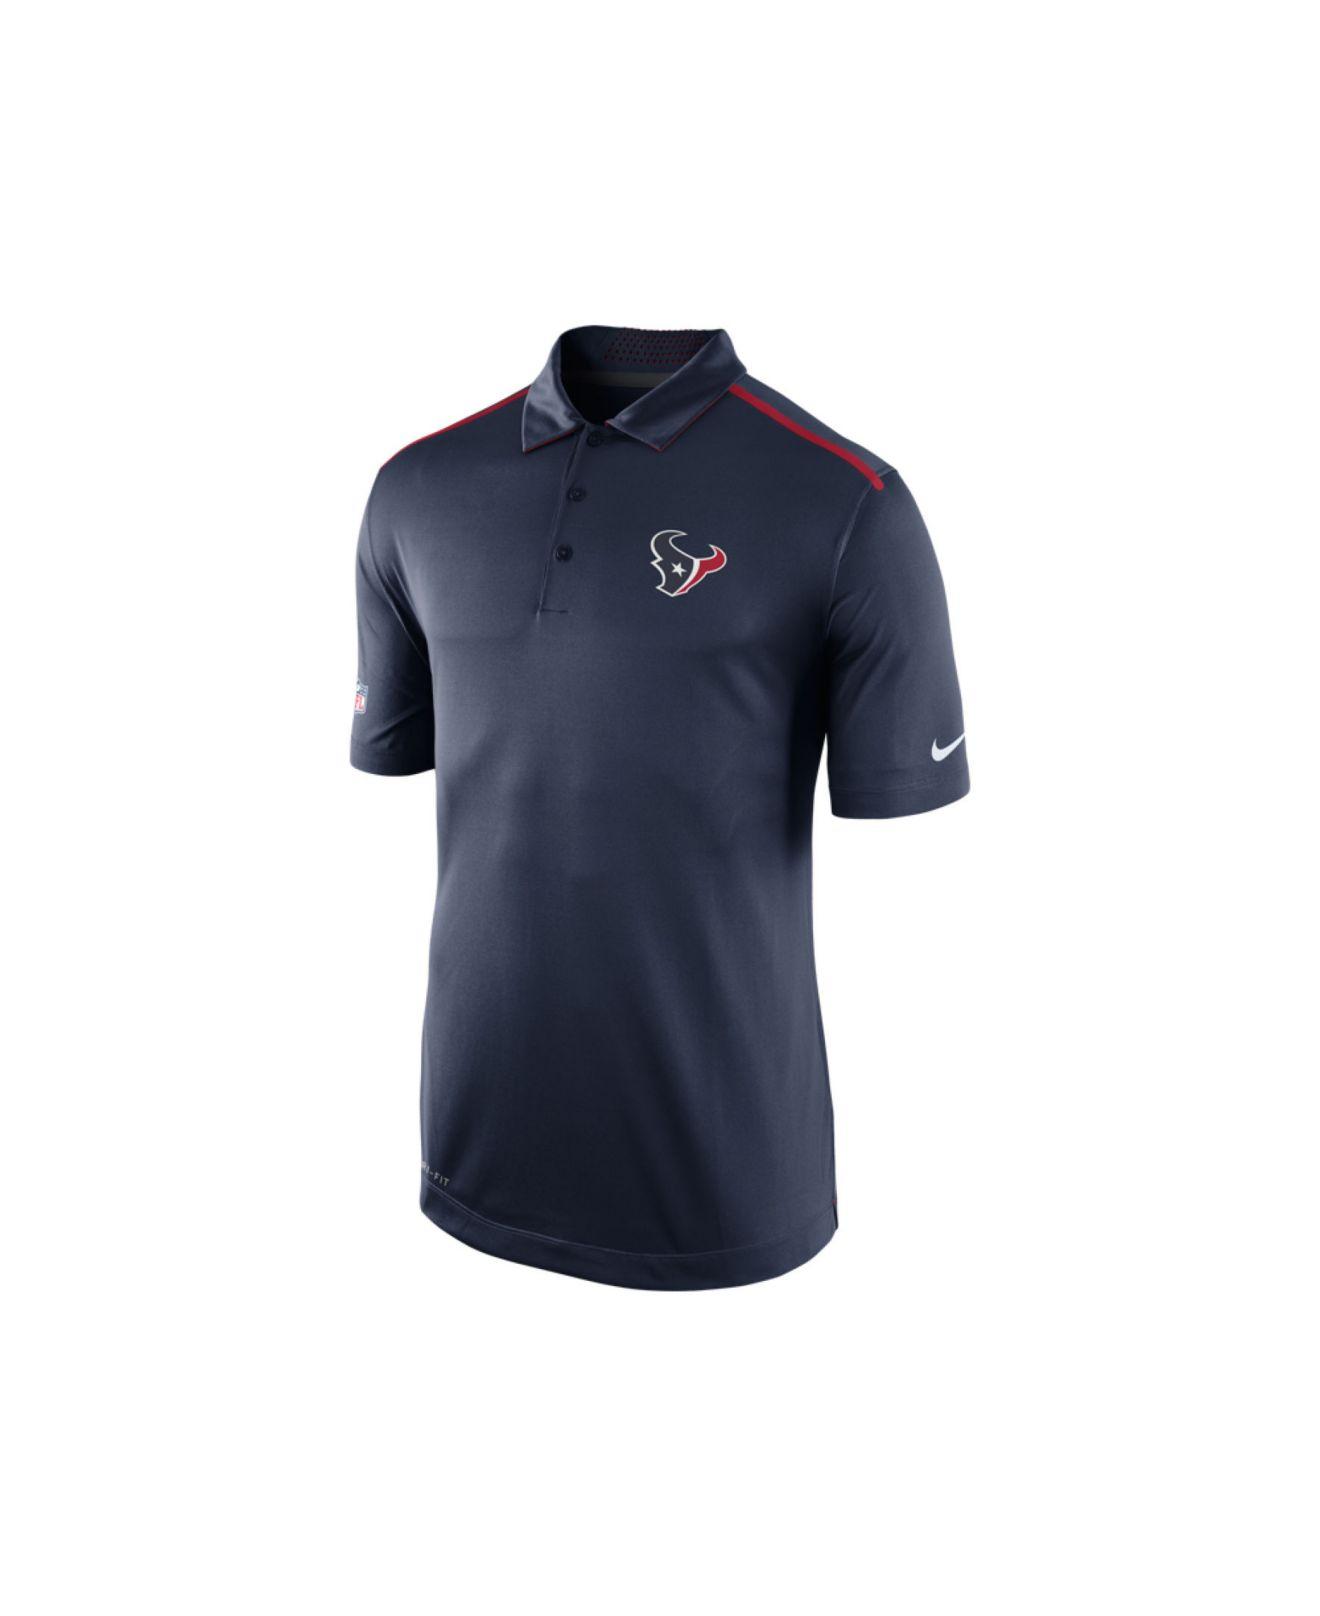 Nike men 39 s houston texans elite coaches polo shirt in blue for T shirt printing in houston tx